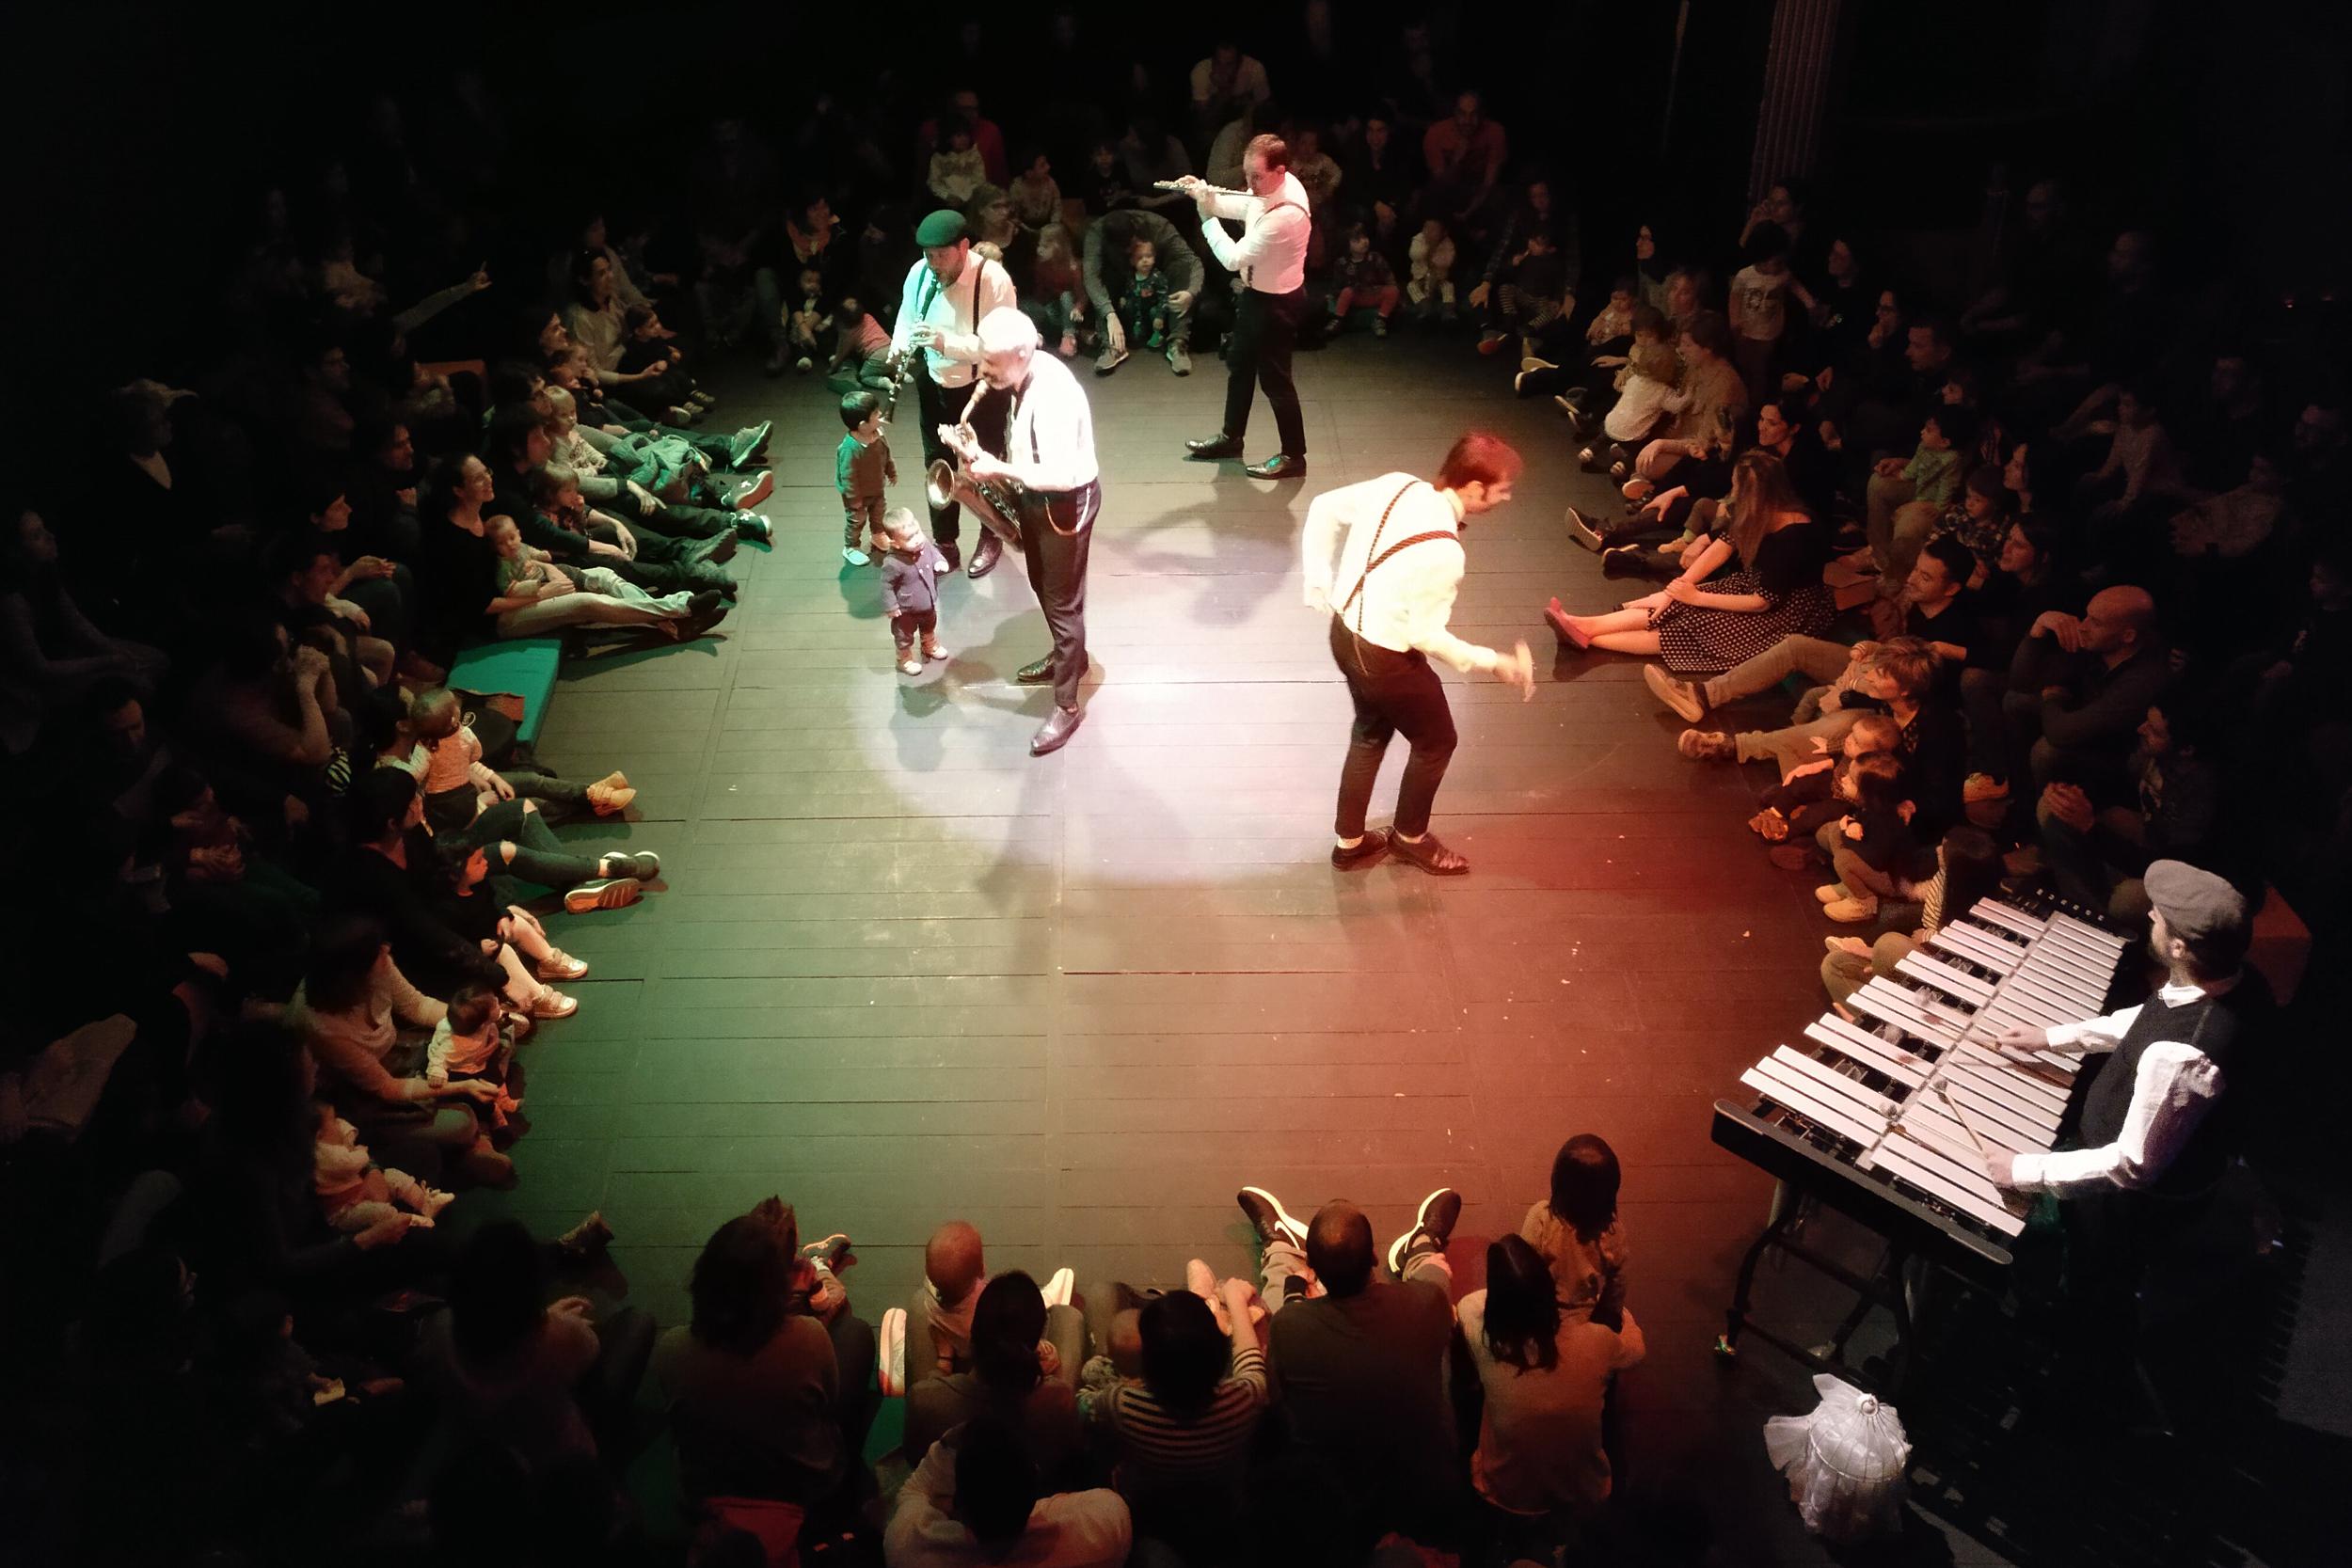 Èxit de la Companyia Pels Més Menuts a Tàrrega amb un concert que acosta el llenguatge musical als infants